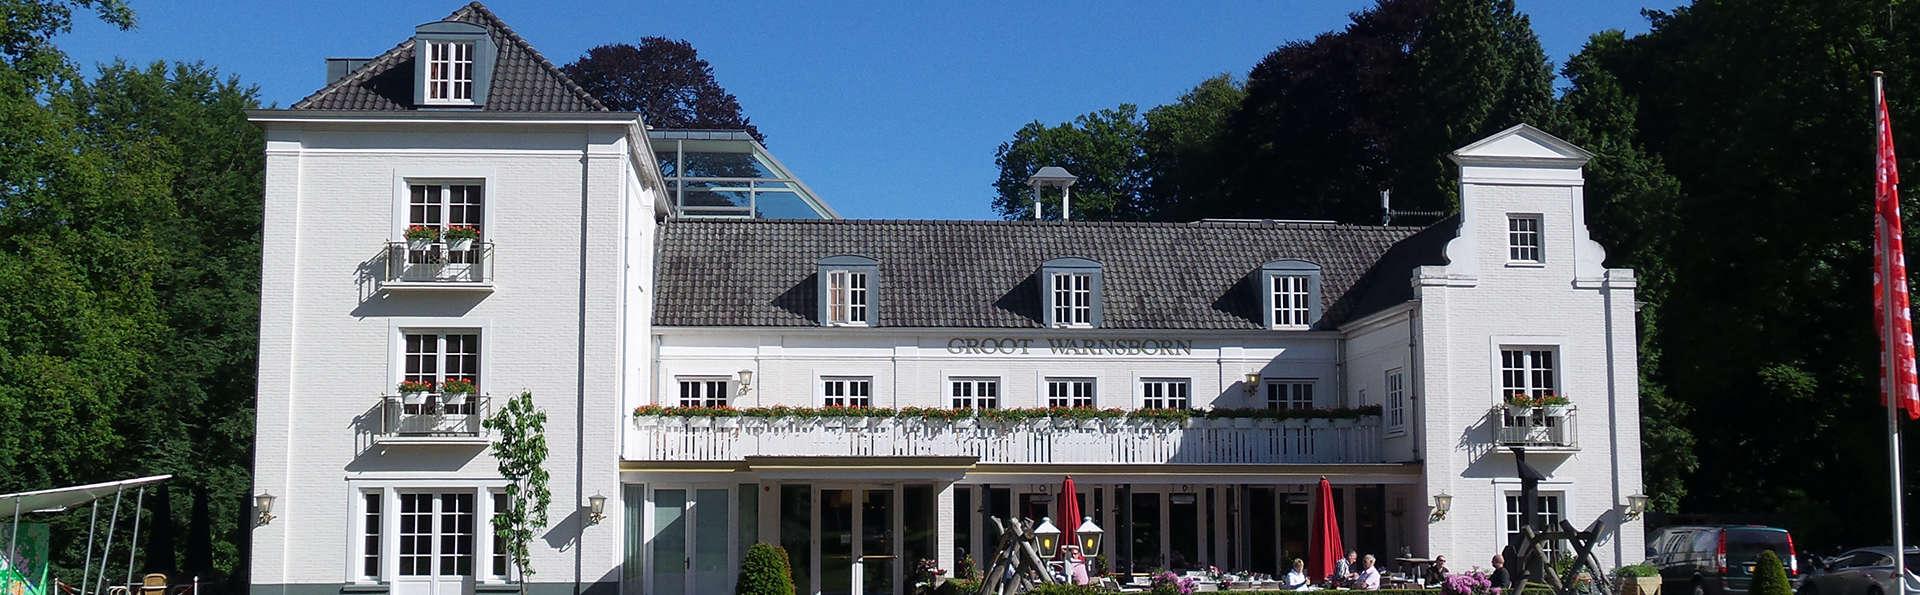 Landgoed Hotel Groot Warnsborn - edit_Voorkant01.jpg